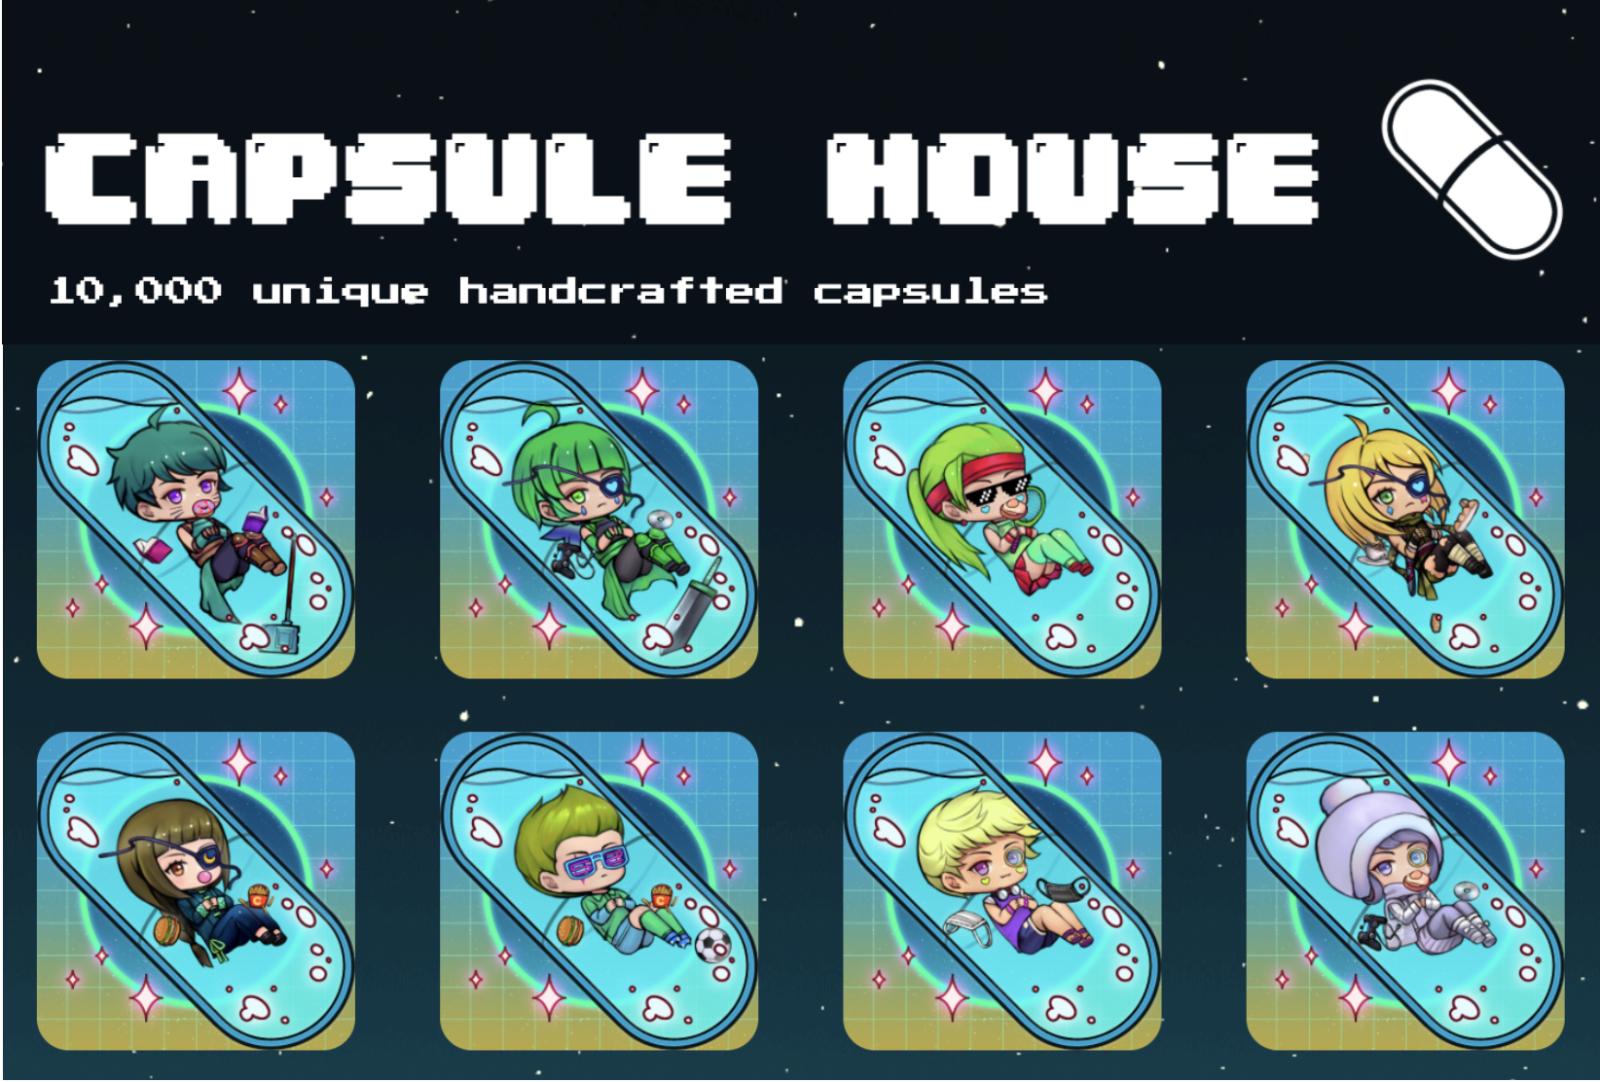 """販売開始からわずか1時間で3,200万円を売り上げたNFT""""Capsule House"""""""